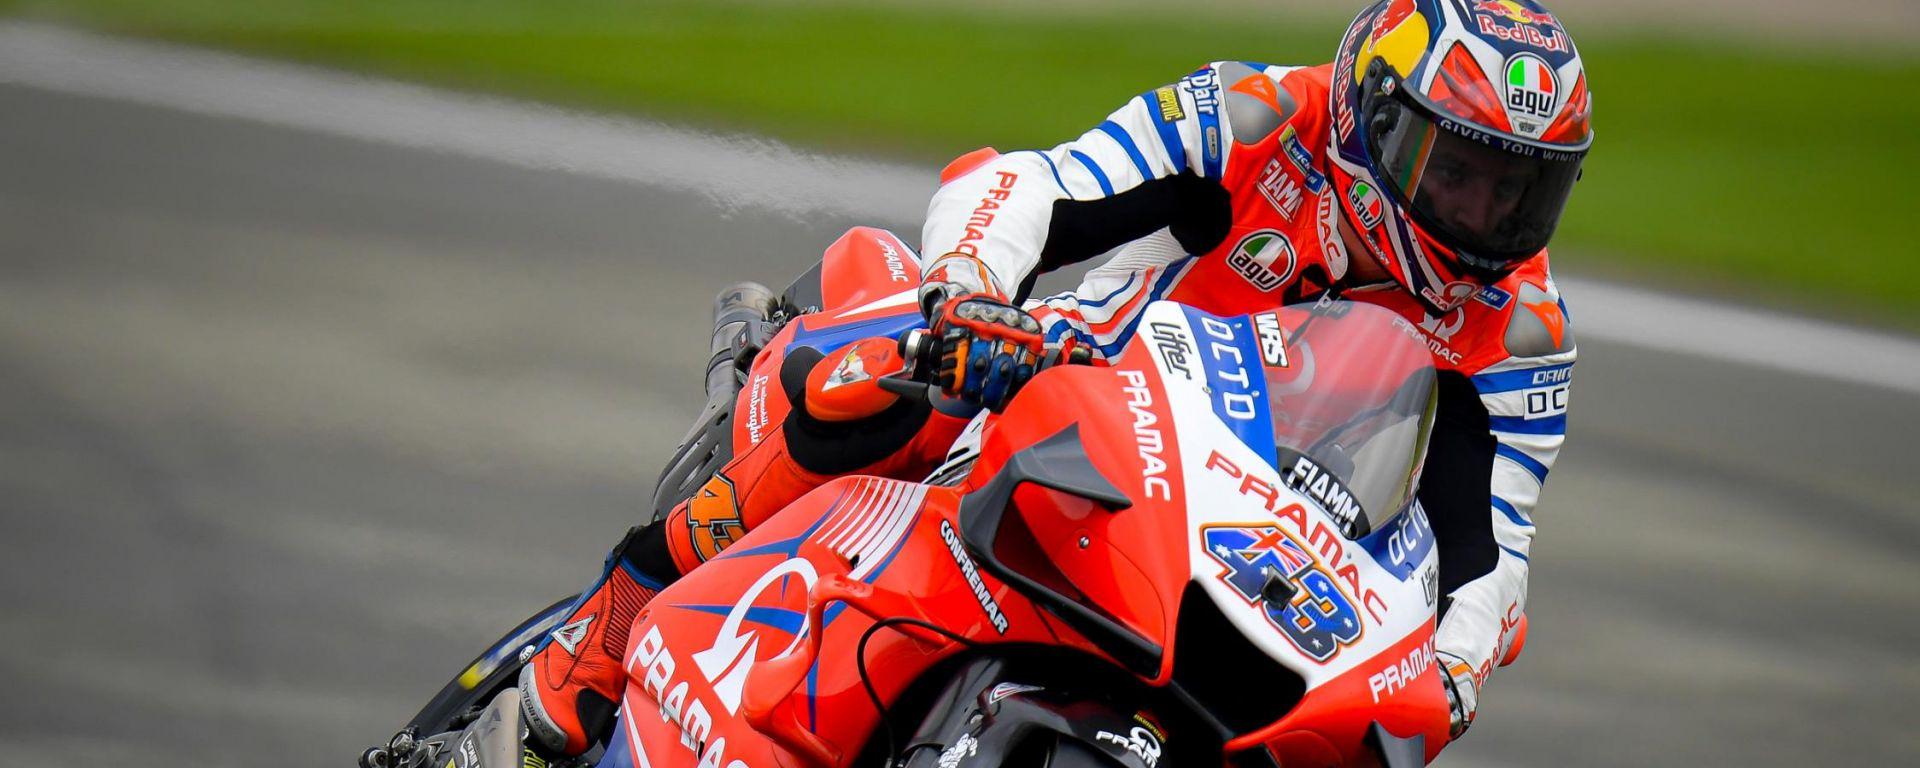 MotoGP Valencia 2020, FP2: la zampata di Miller, quattro Ducati nella top-6